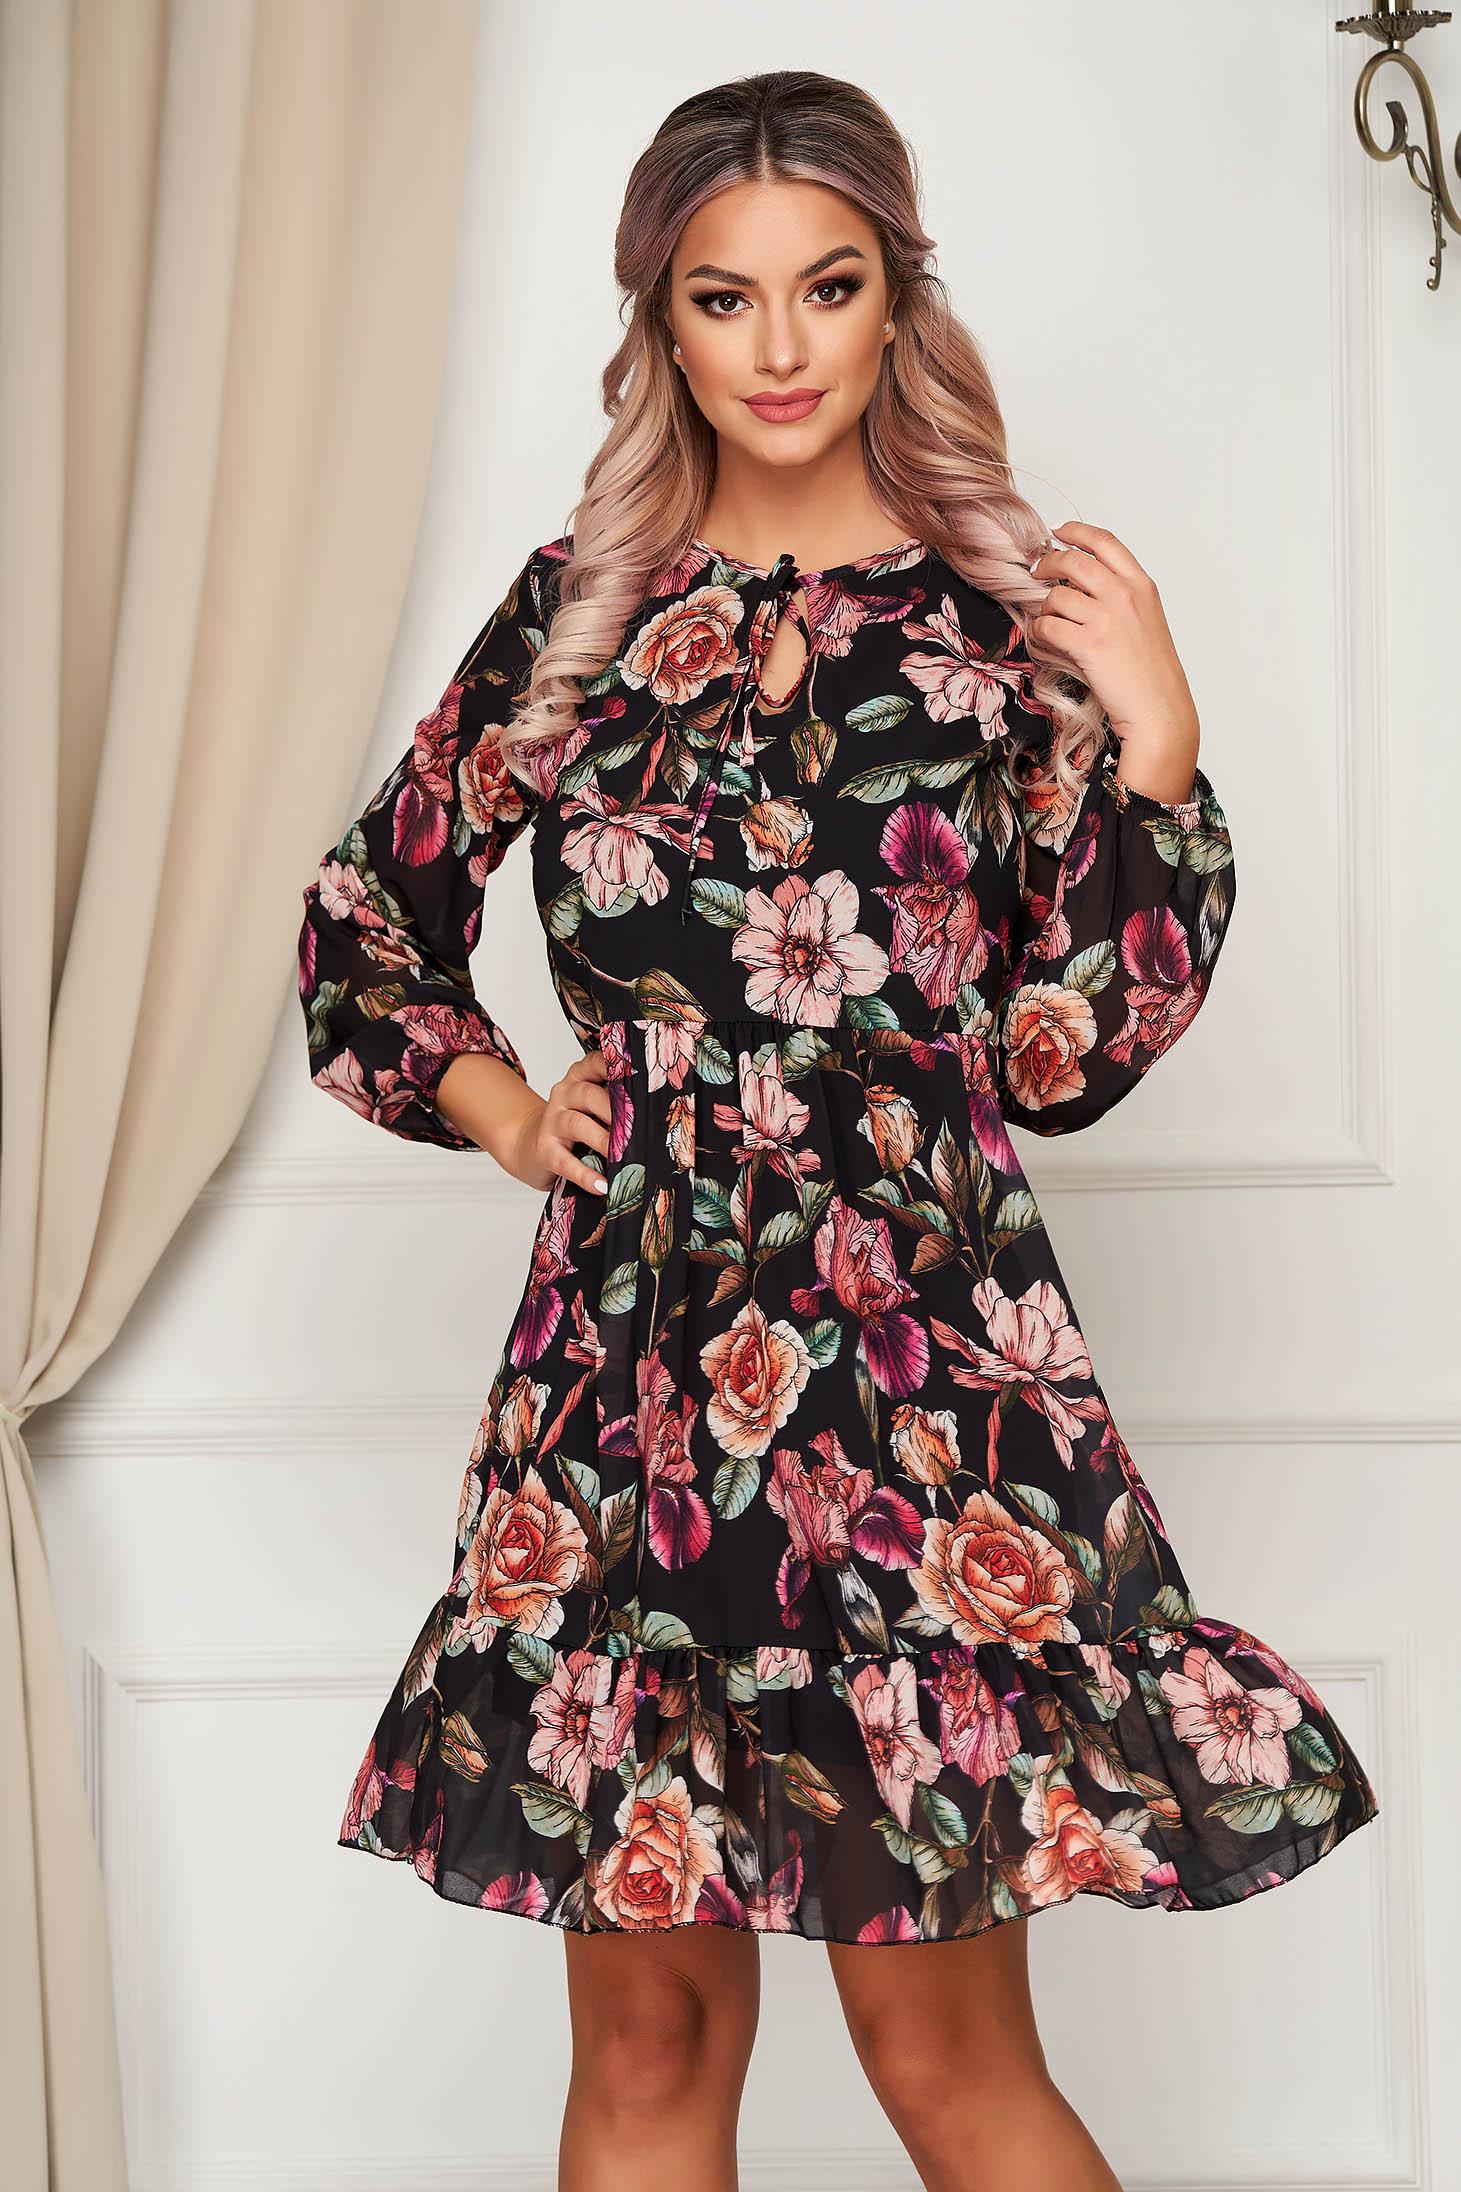 Fekete rövid hétköznapi bő szabású ruha muszlinból virágmintás díszítéssel